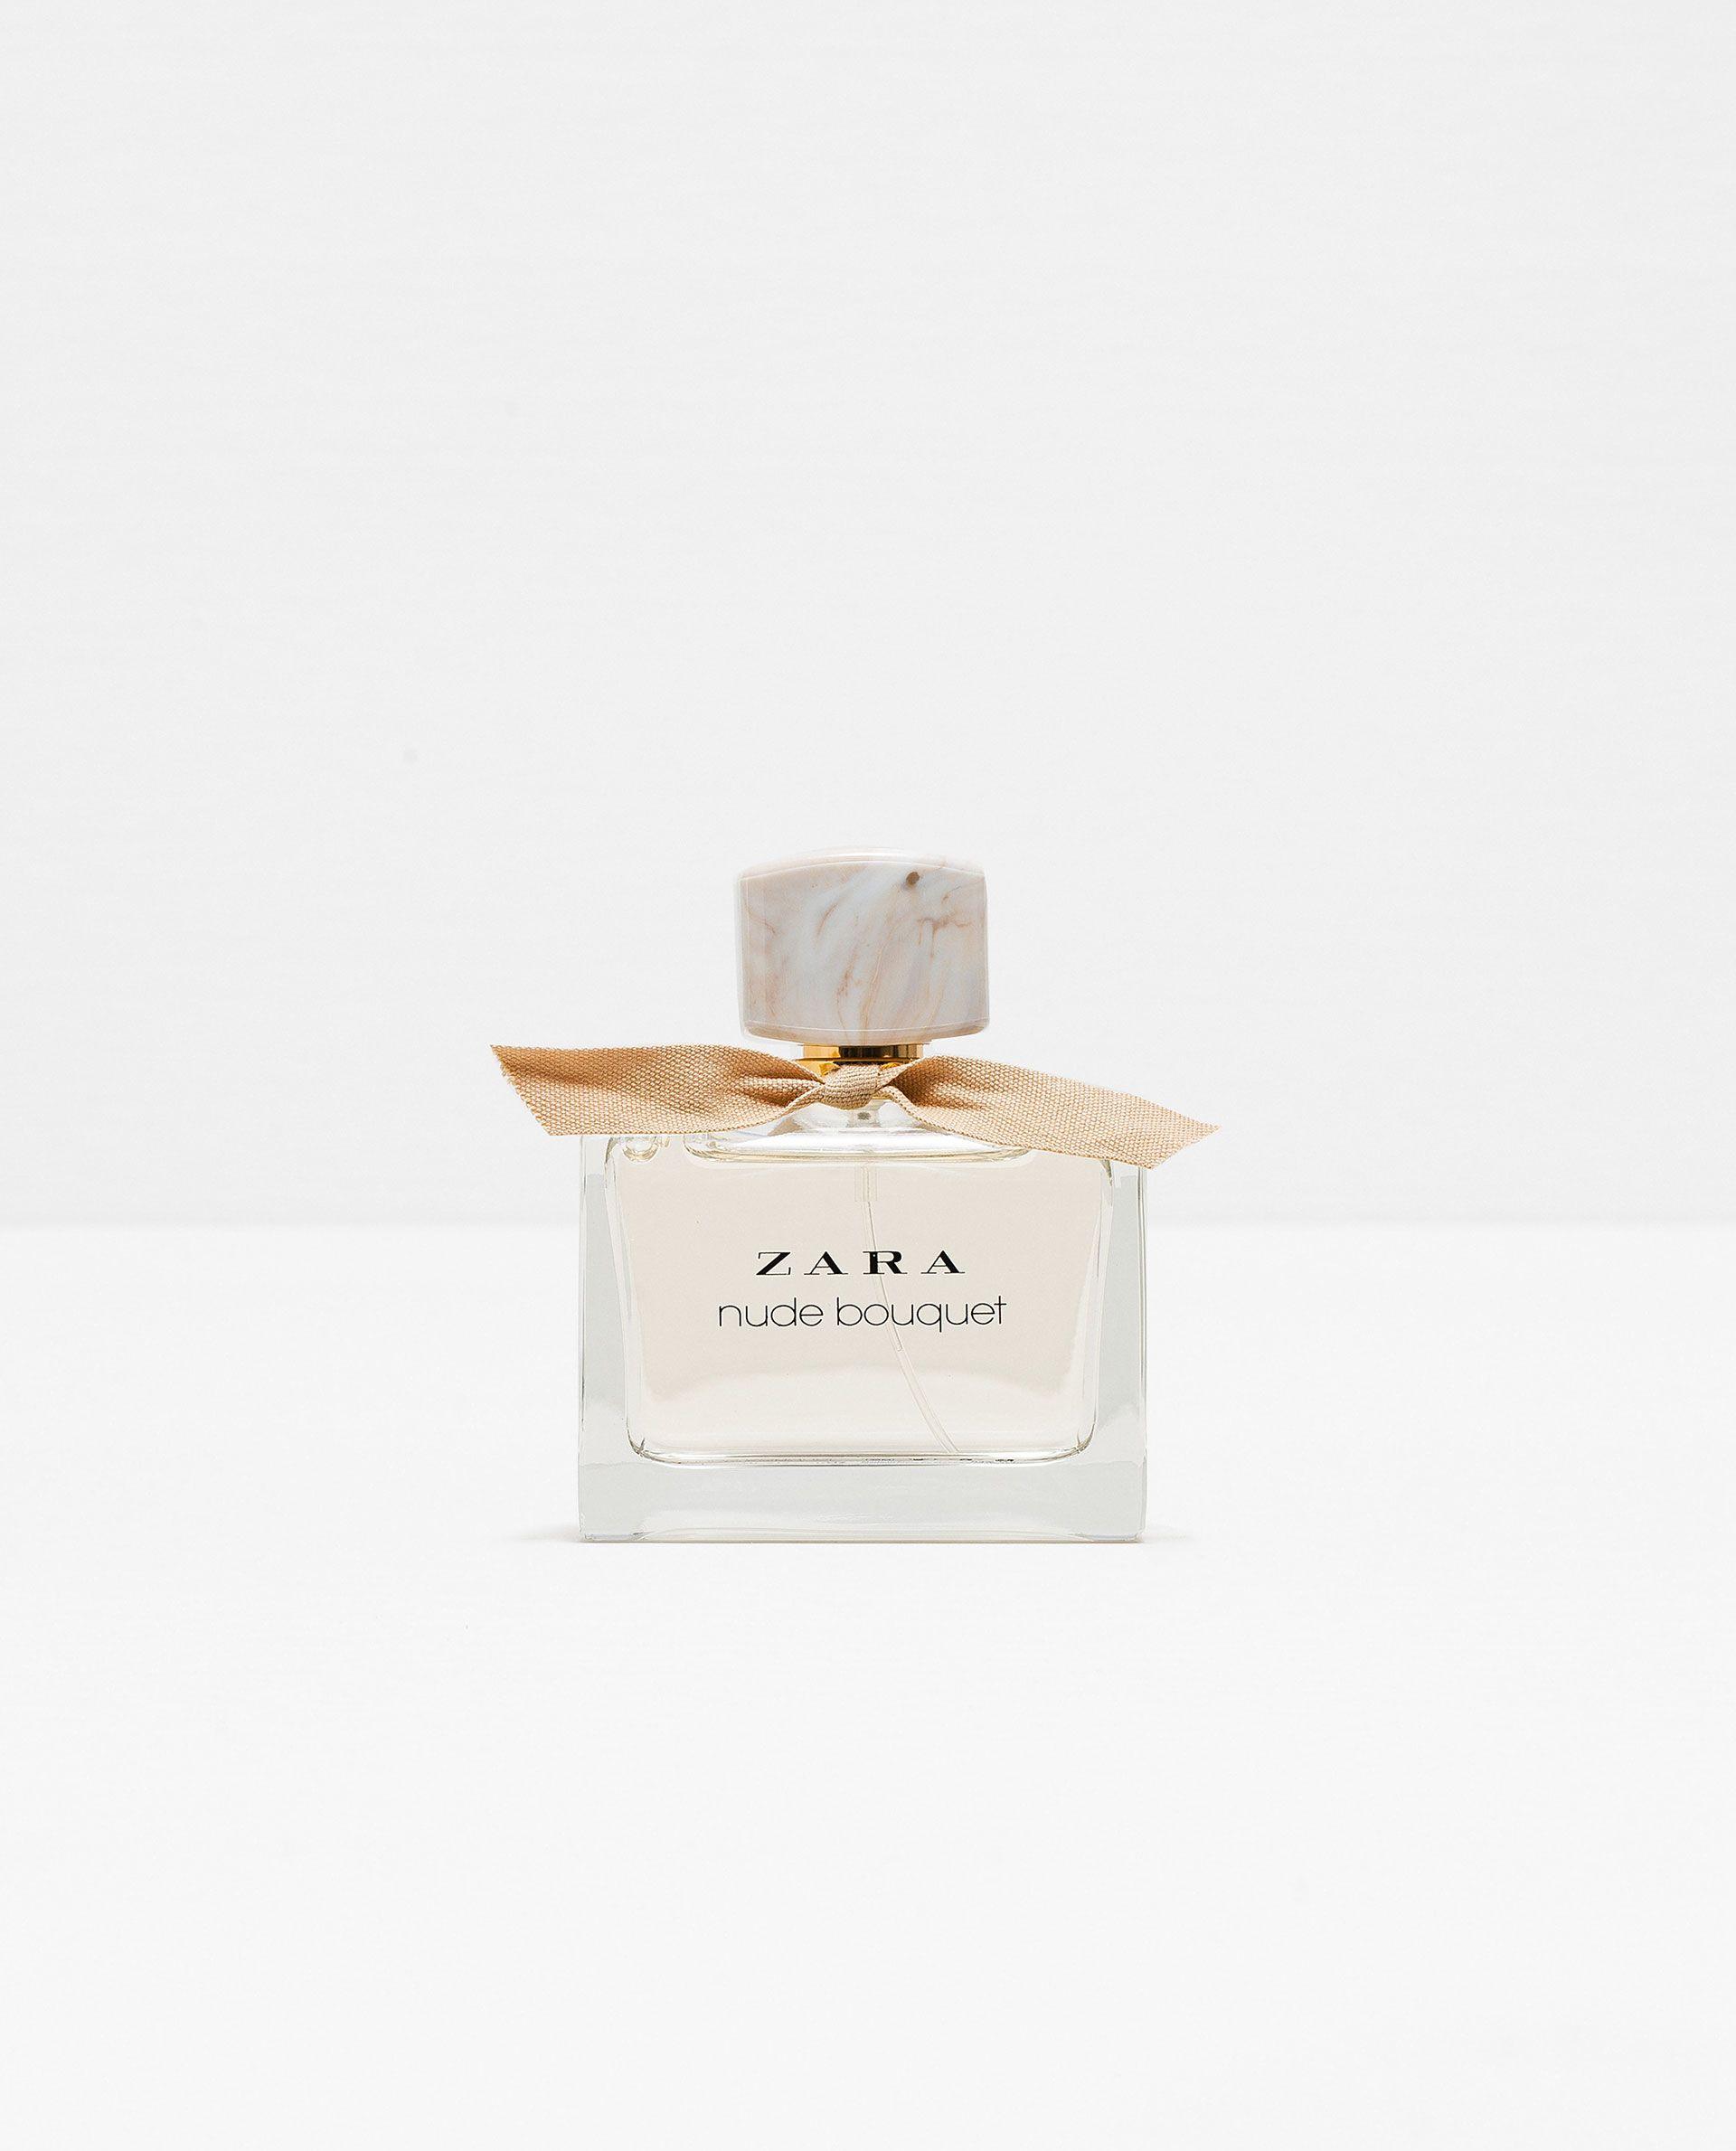 Zara Nude Bouquet Eau De Parfum 100 Ml Sticle De Parfumuri Zara